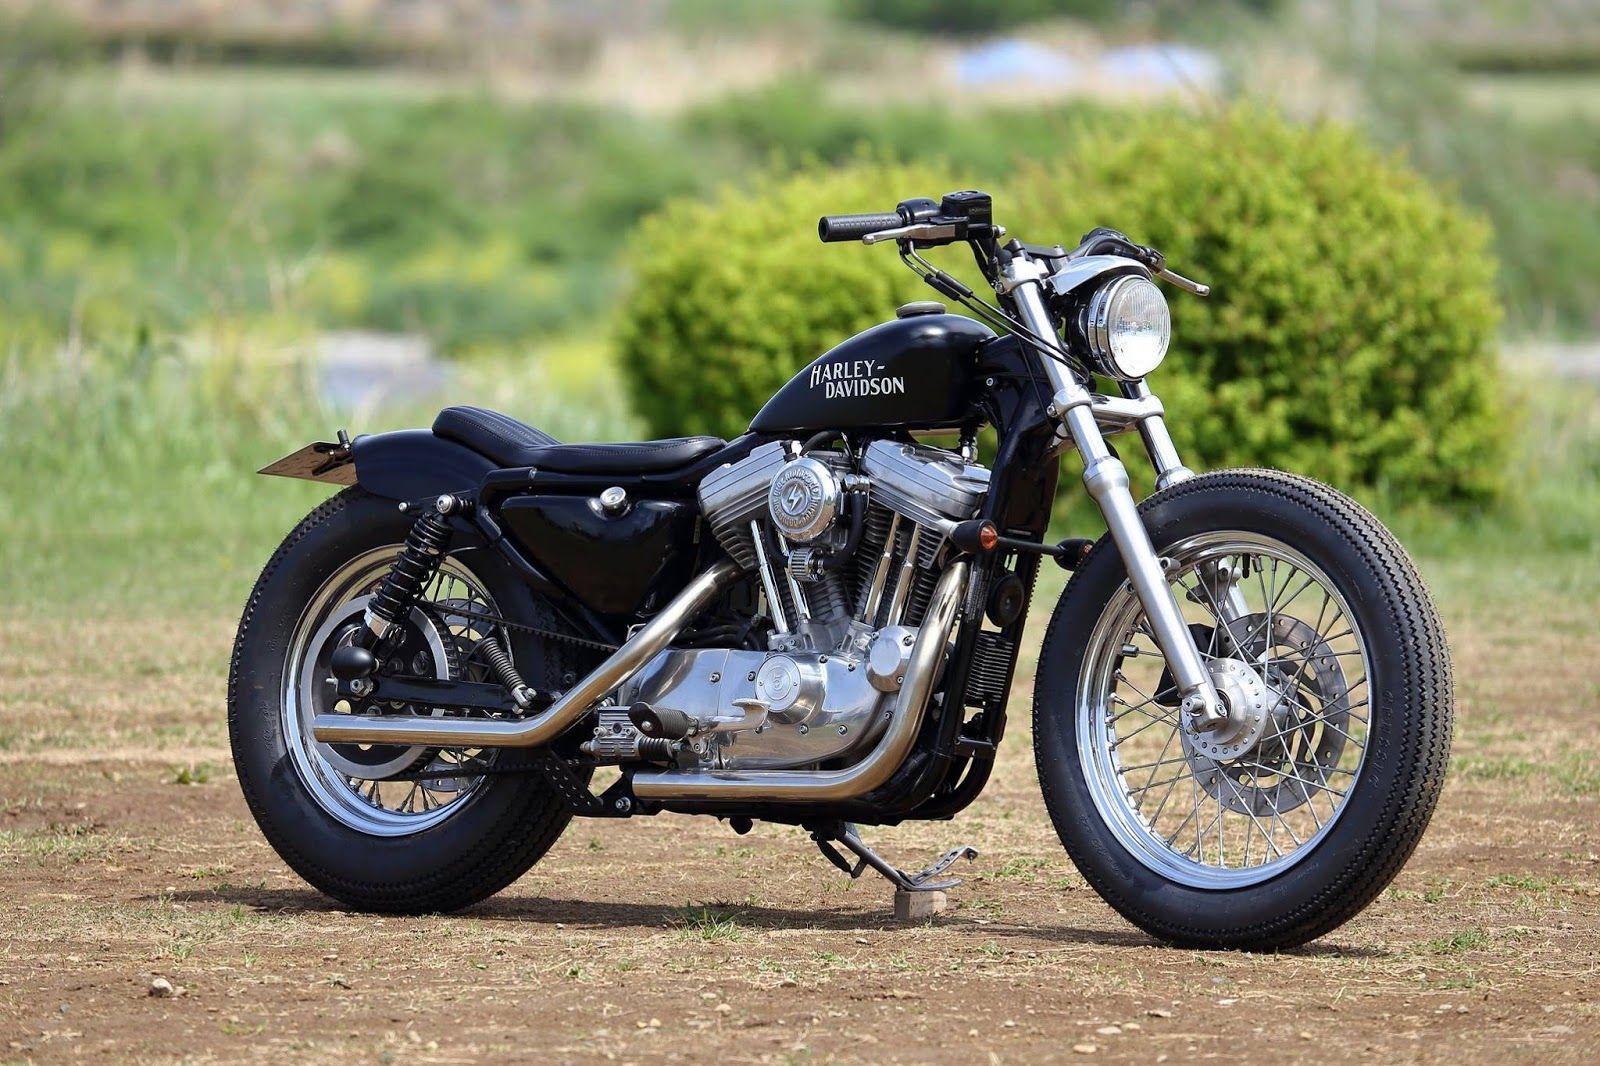 2001 Sportster By Hide Motor Co Sportster Bobber Harley Bikes Sportster Cafe Racer